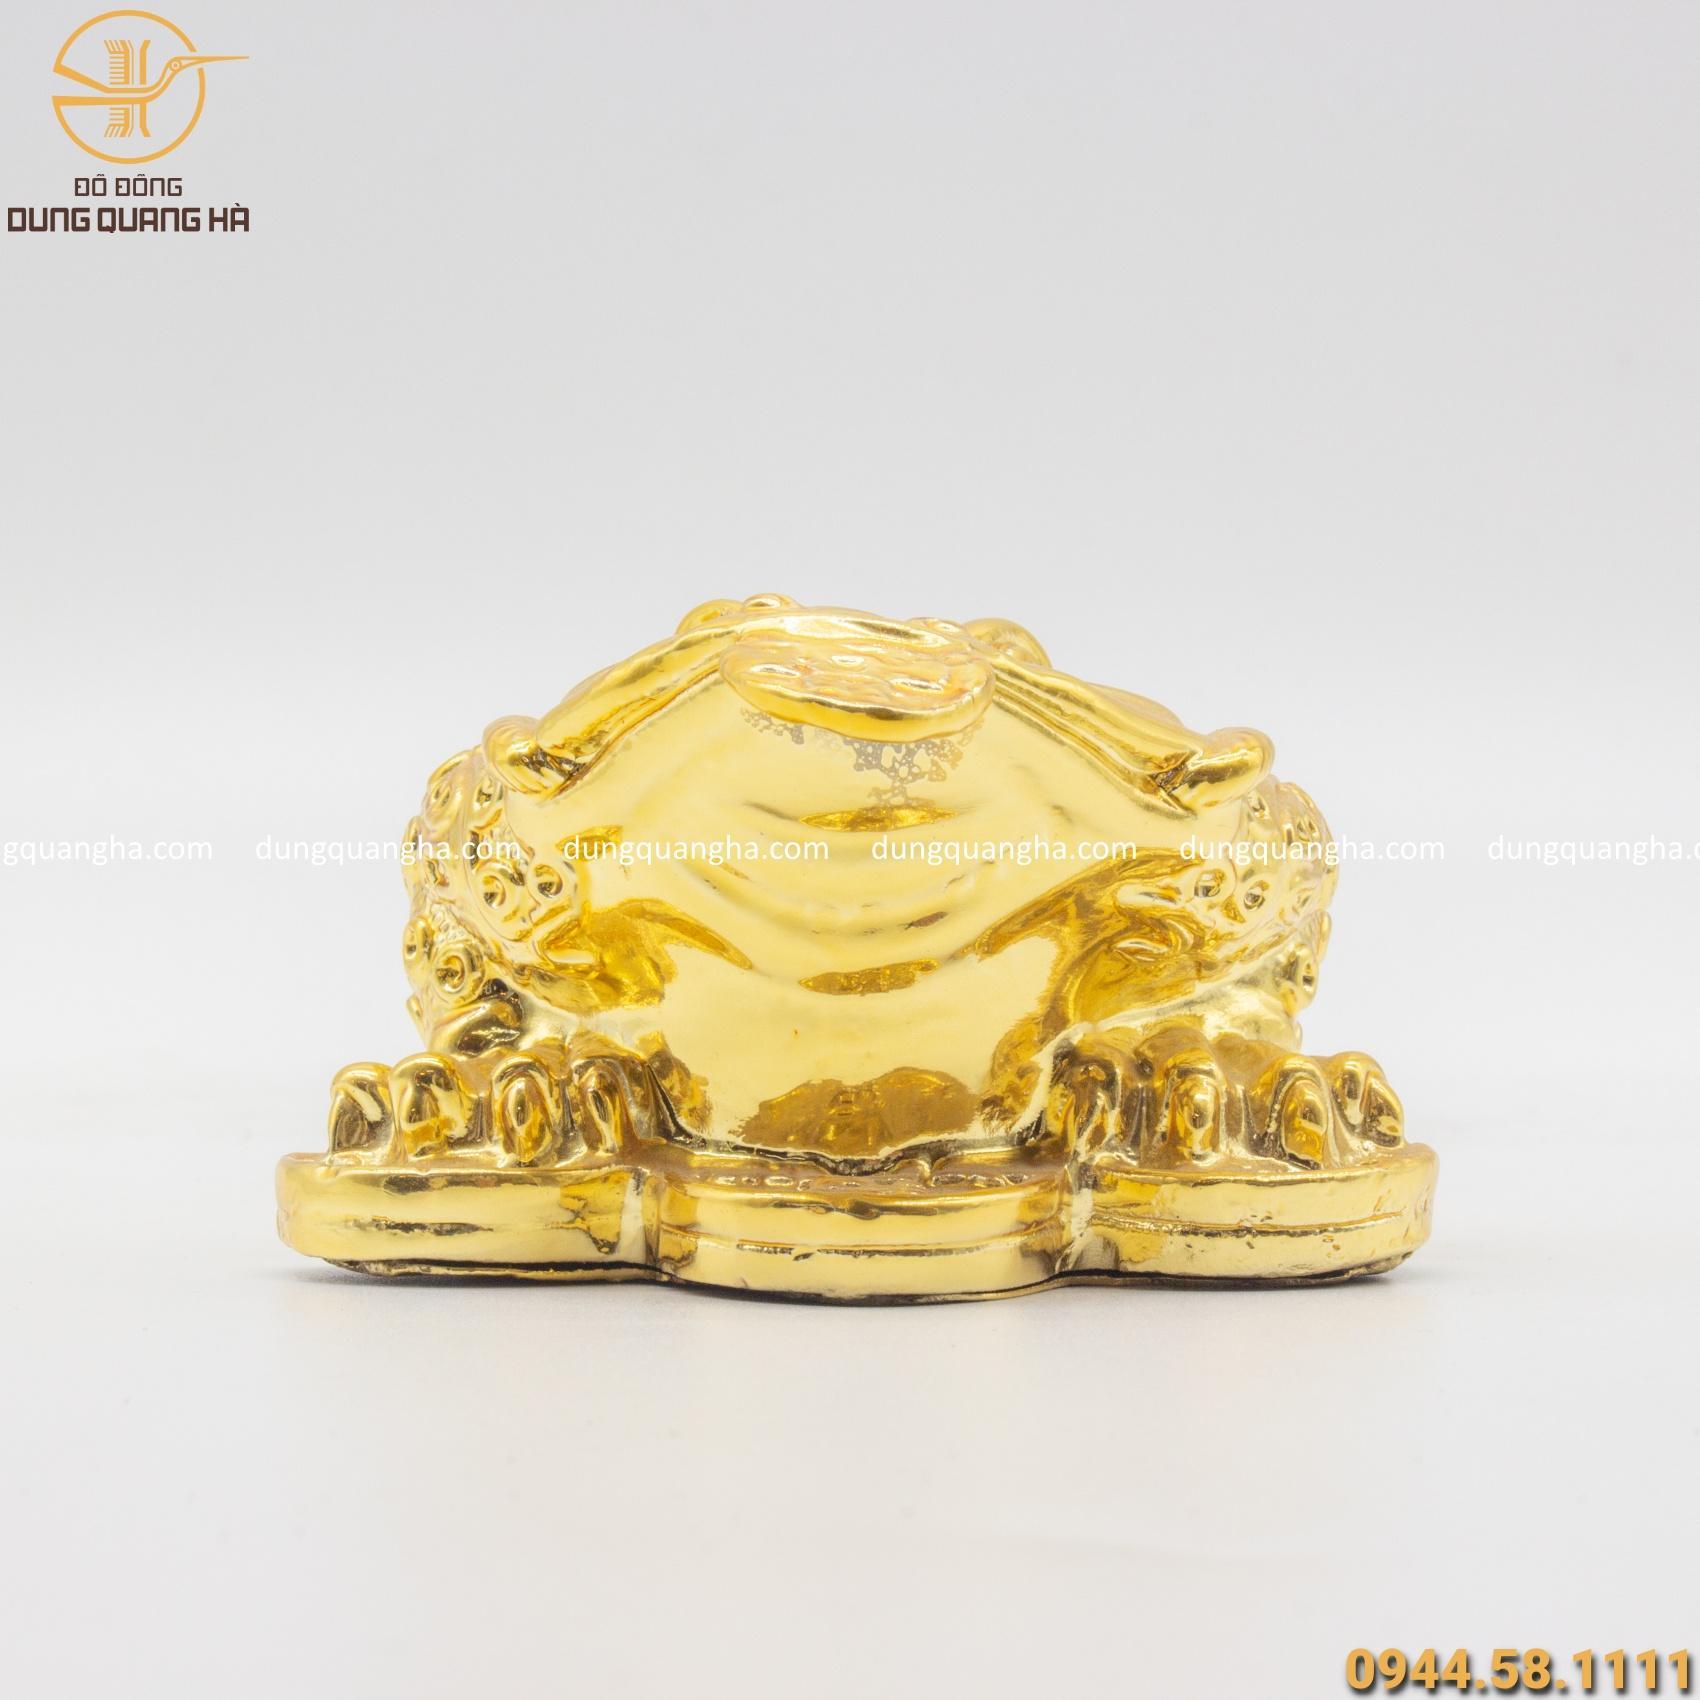 Thiềm Thừ phong thủy bằng đồng mạ vàng 24k đẹp sắc nét